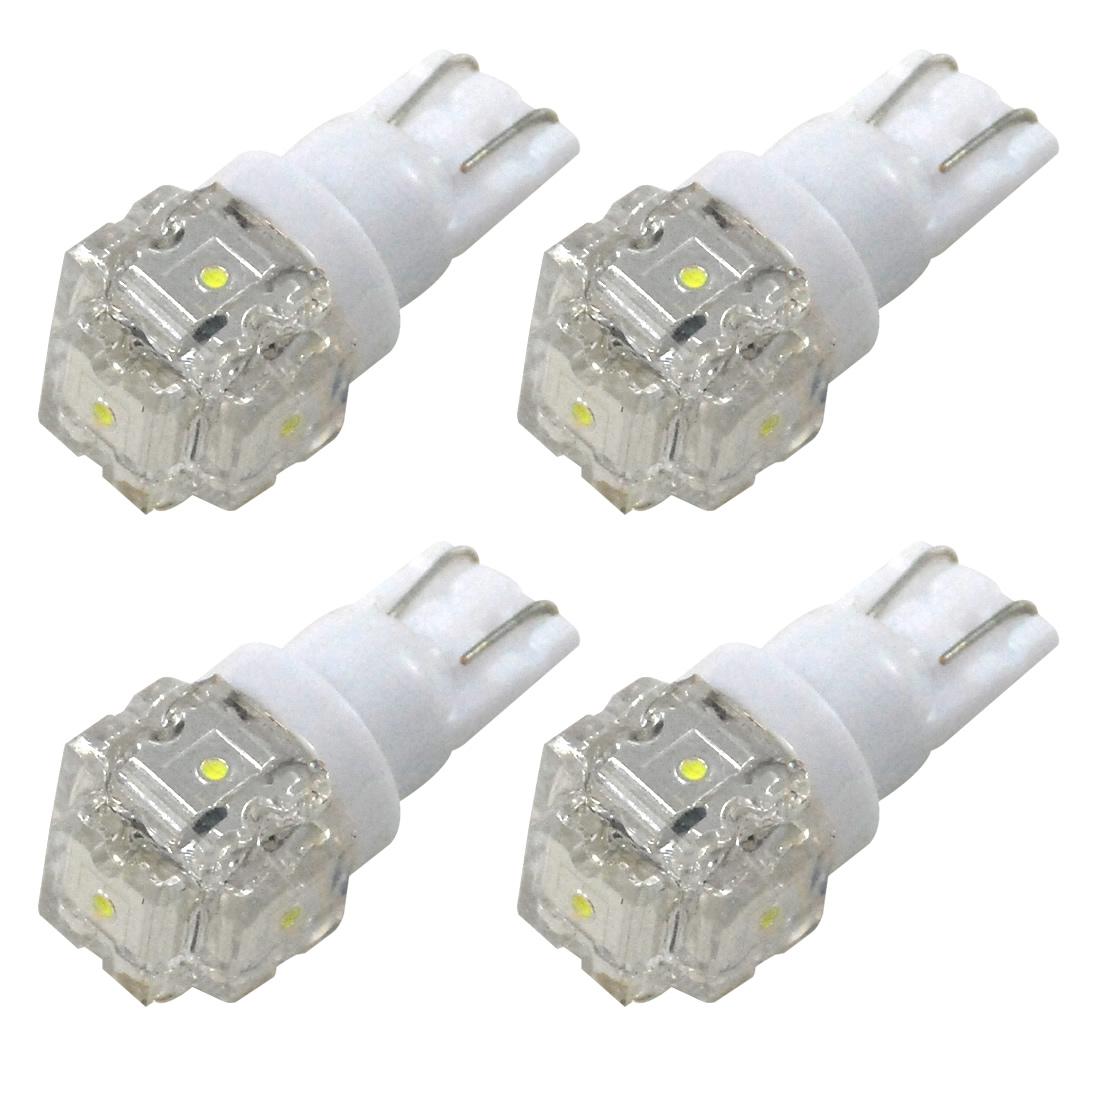 FLUX LED5連×4 合計20連ウェッジ球!車幅灯 クリアランスランプ フロント バック ライセンスランプ 白 RIDE LED T10 ポジション球ナンバー灯 4個 ホワイト